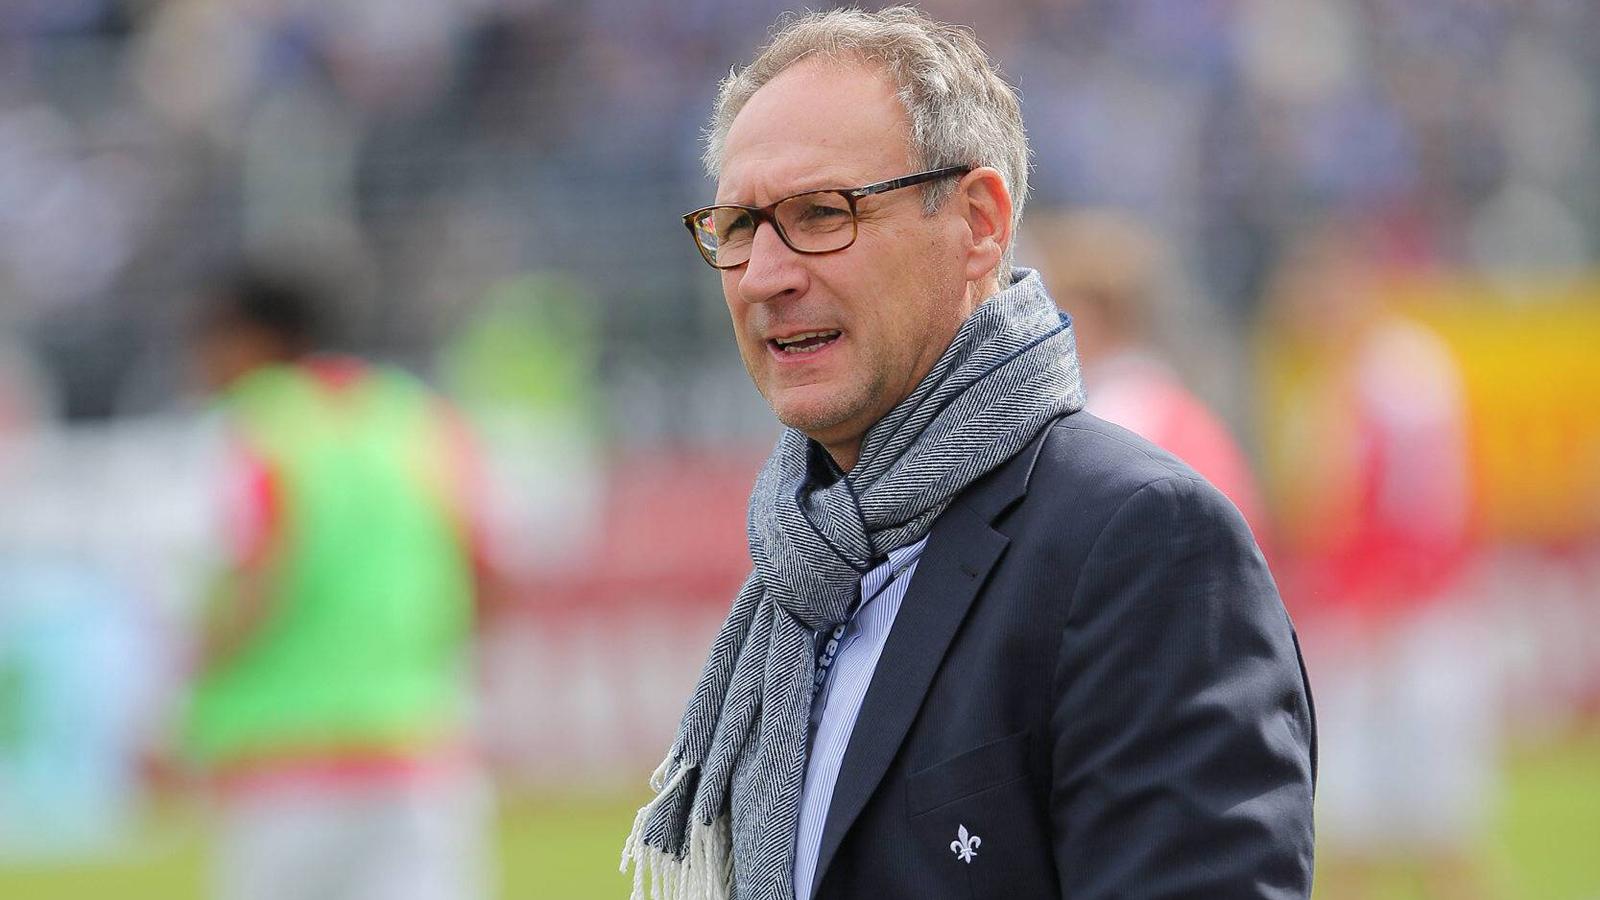 SV98-Präsident Rüdiger Fritsch schaut ernst.